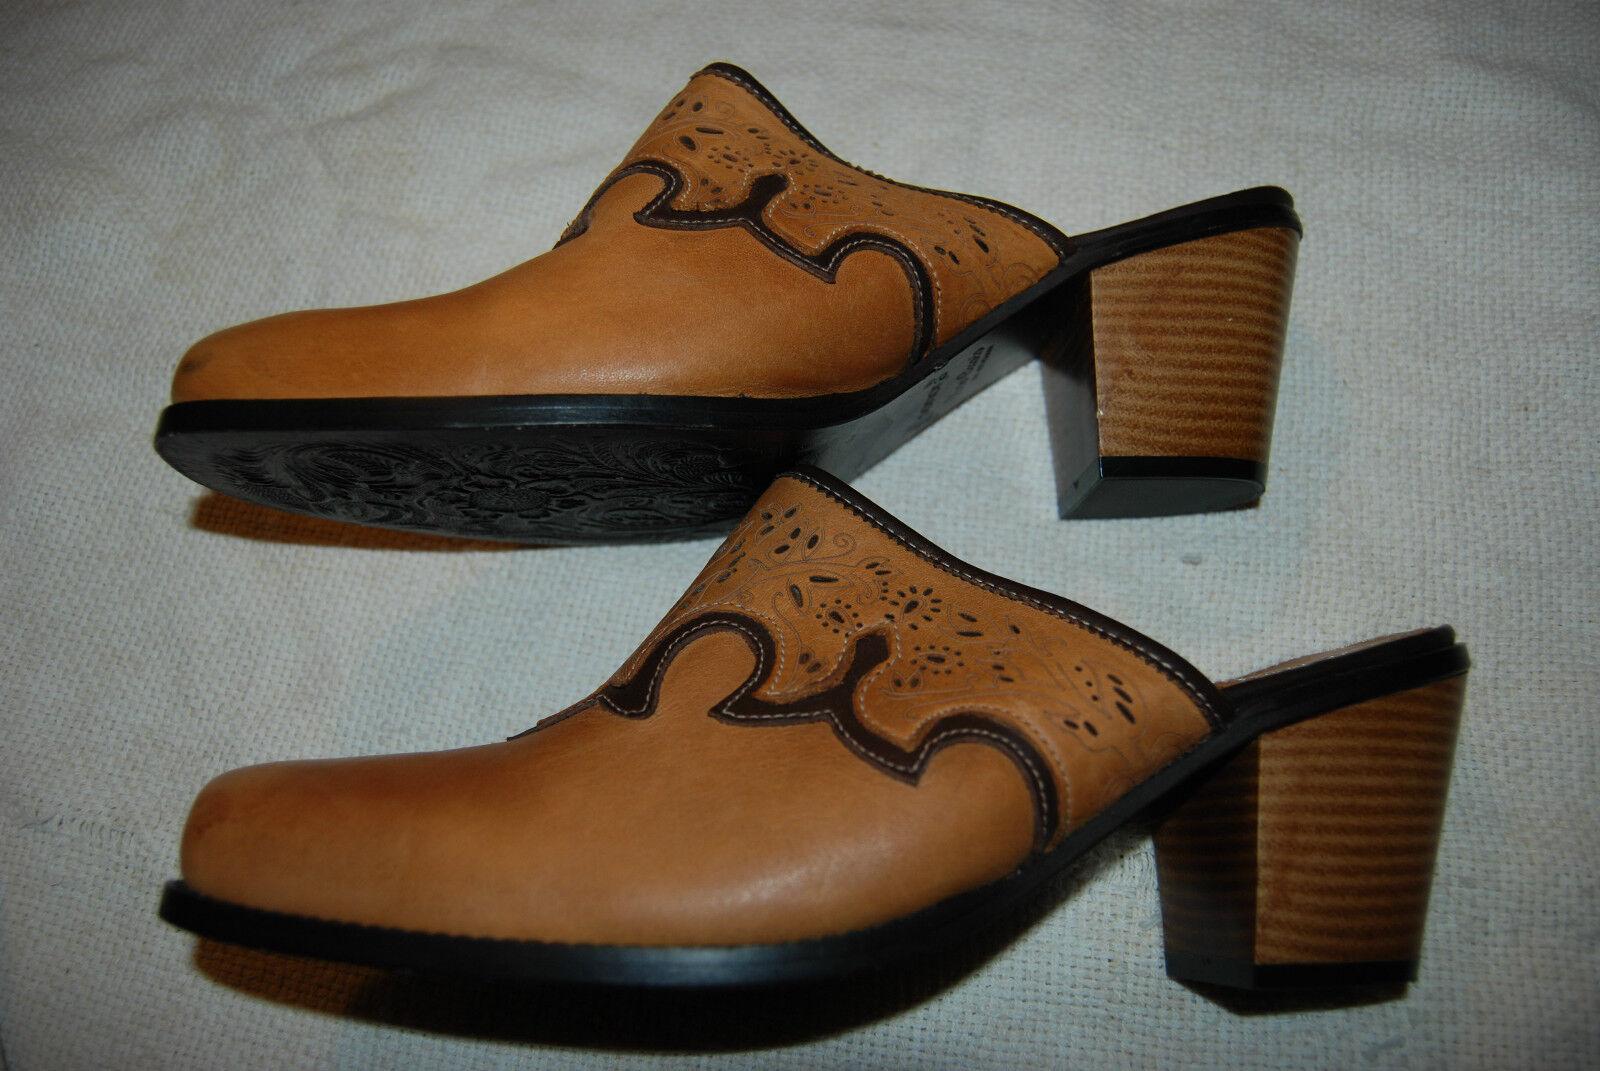 Damenschuhe Sonora Double H Cowgirl Bismark Snip Snip Bismark Toe Mule Western DH044A Größe 10M F1 a046bc